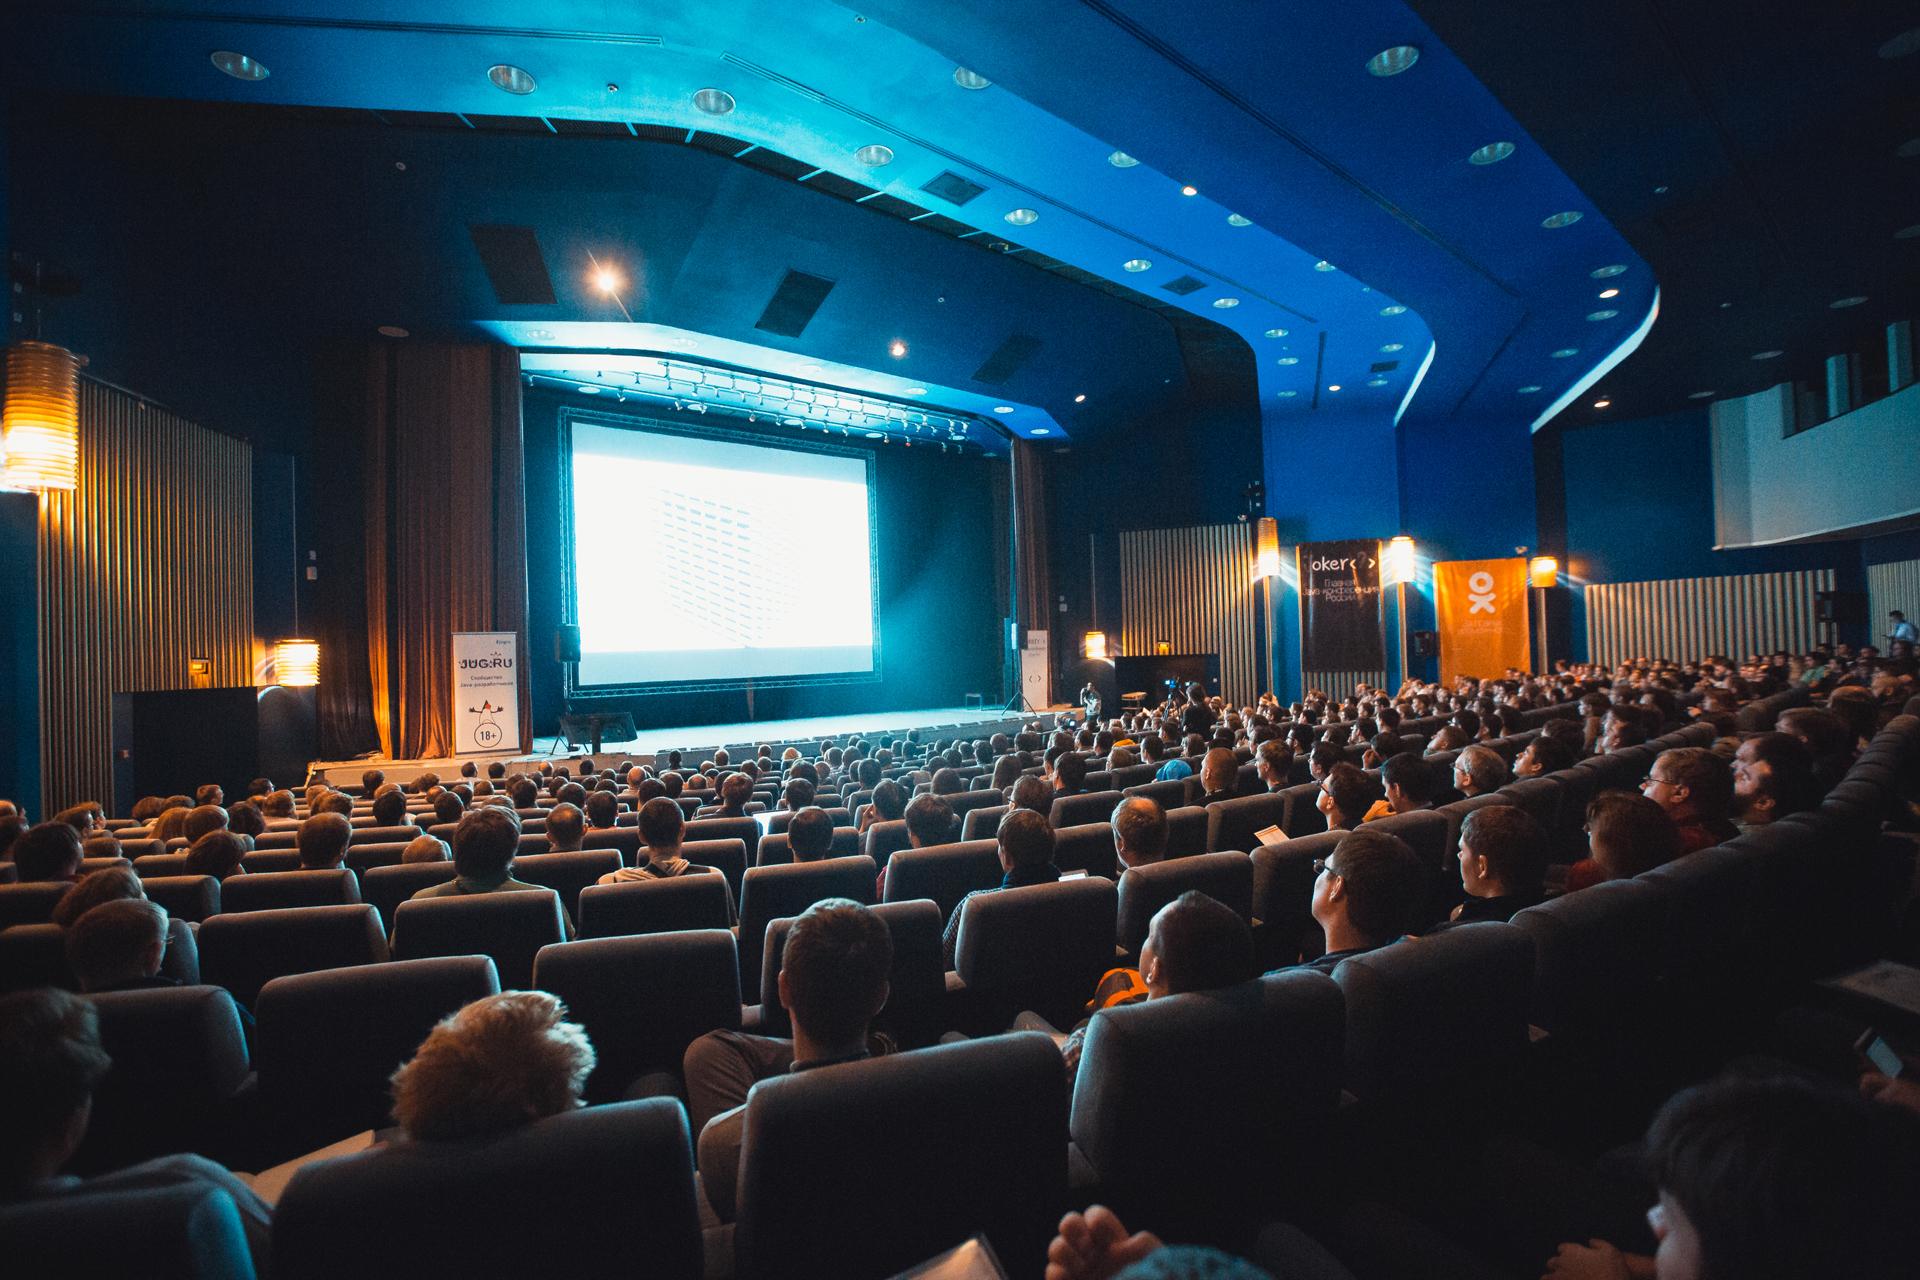 Всероссийская научно-практическая конференция с международным участием «Бизнес и образование в условиях цифровой экономики»